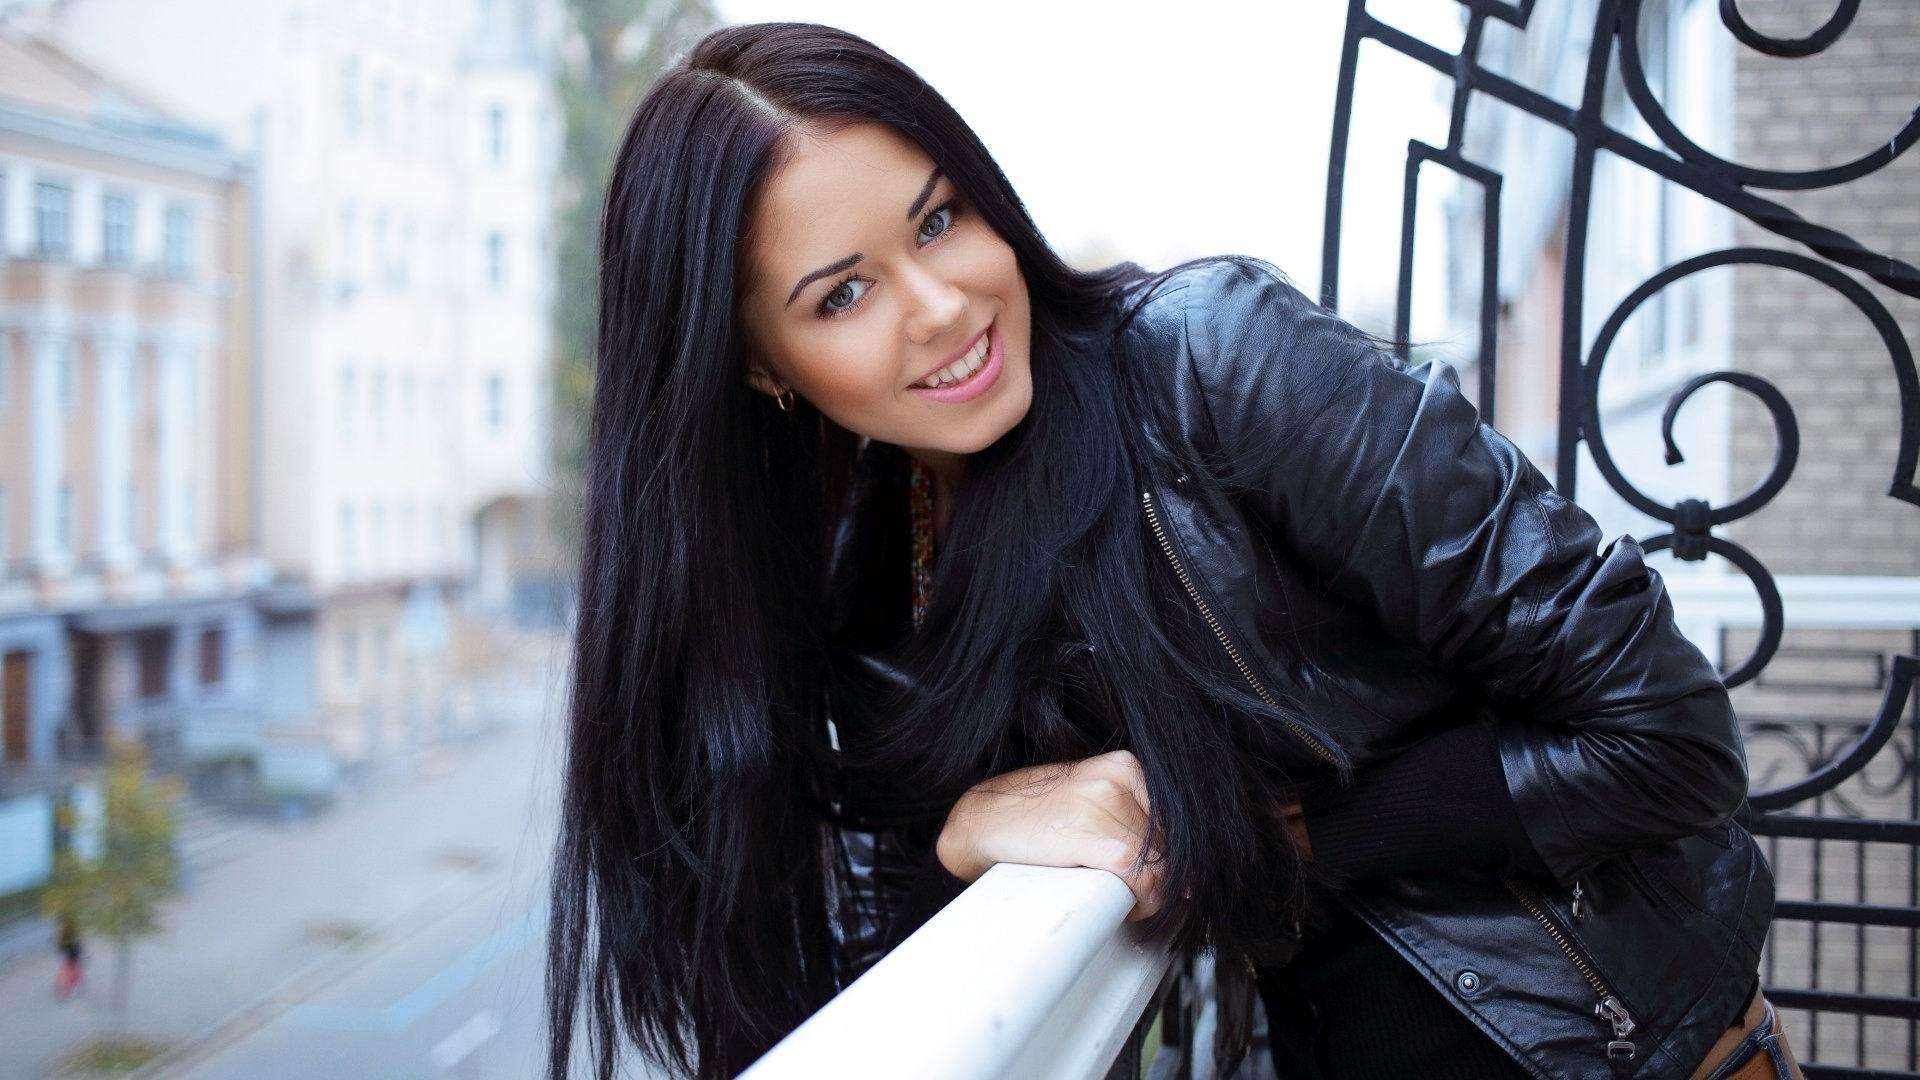 Фото сыктывкарских девушек, Голый Сыктывкарфотографий ВКонтакте 22 фотография